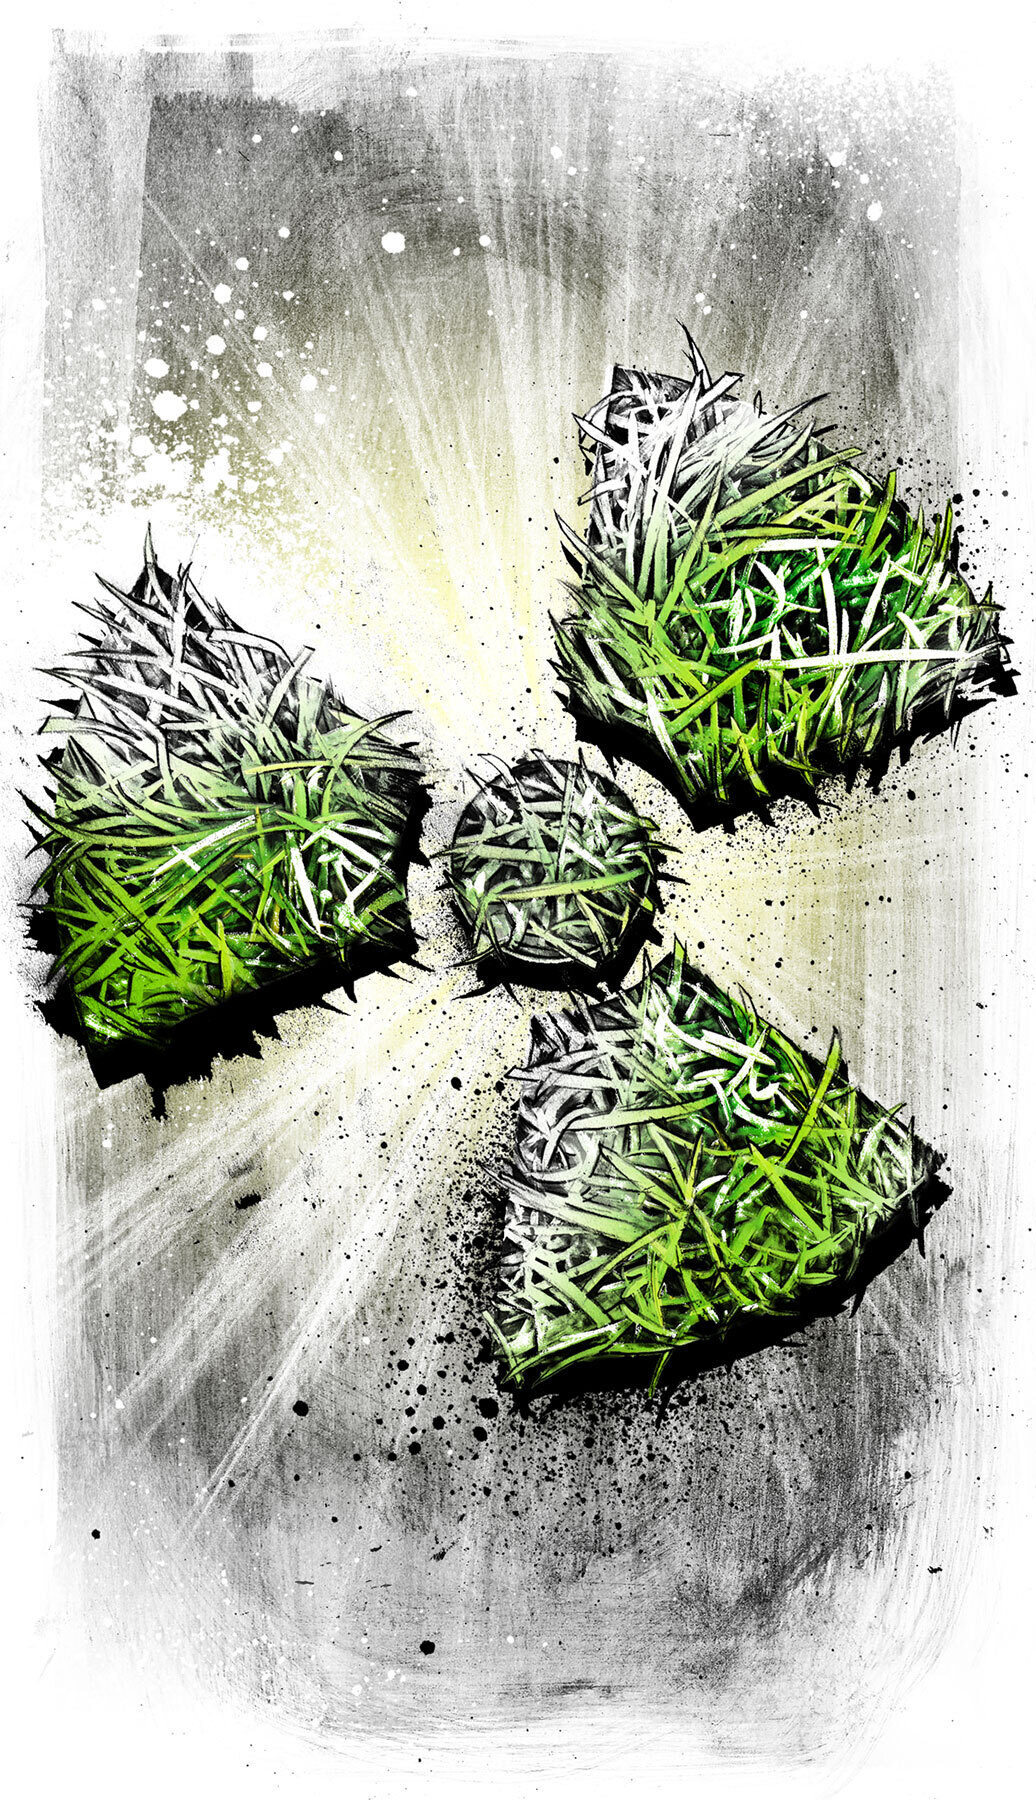 Nuclear Green - Kornel Illustration | Kornel Stadler portfolio